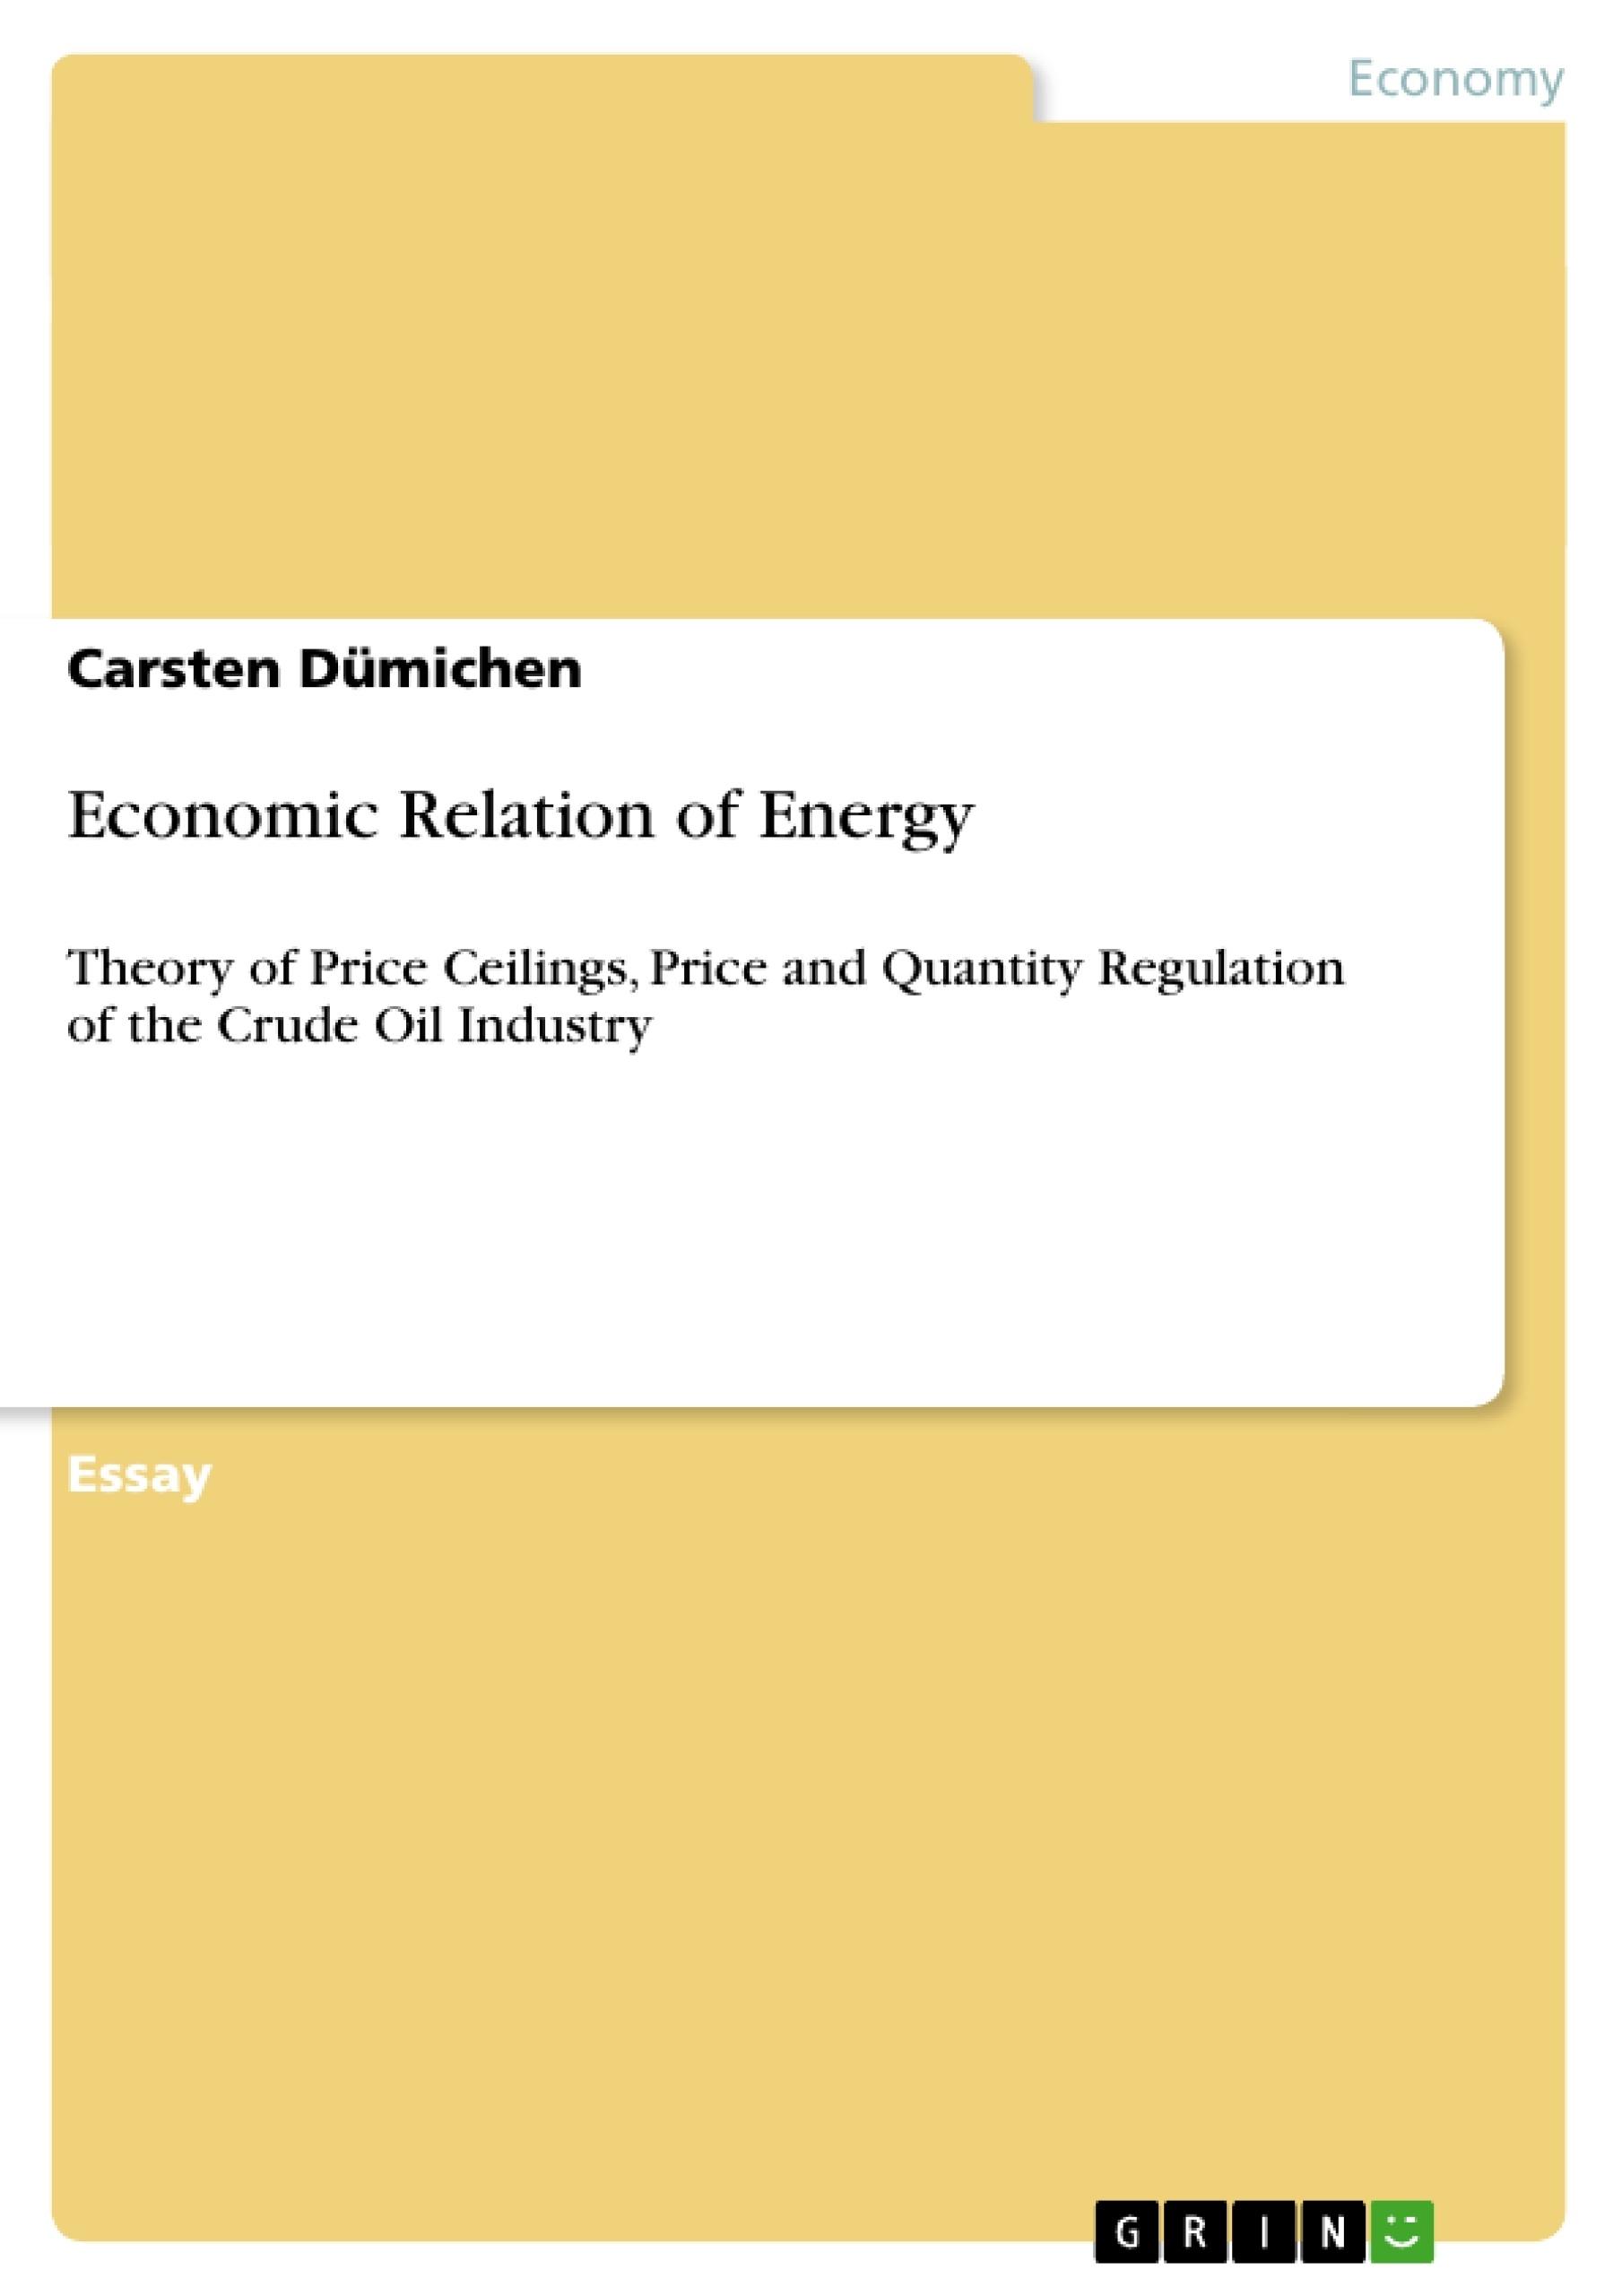 Title: Economic Relation of Energy